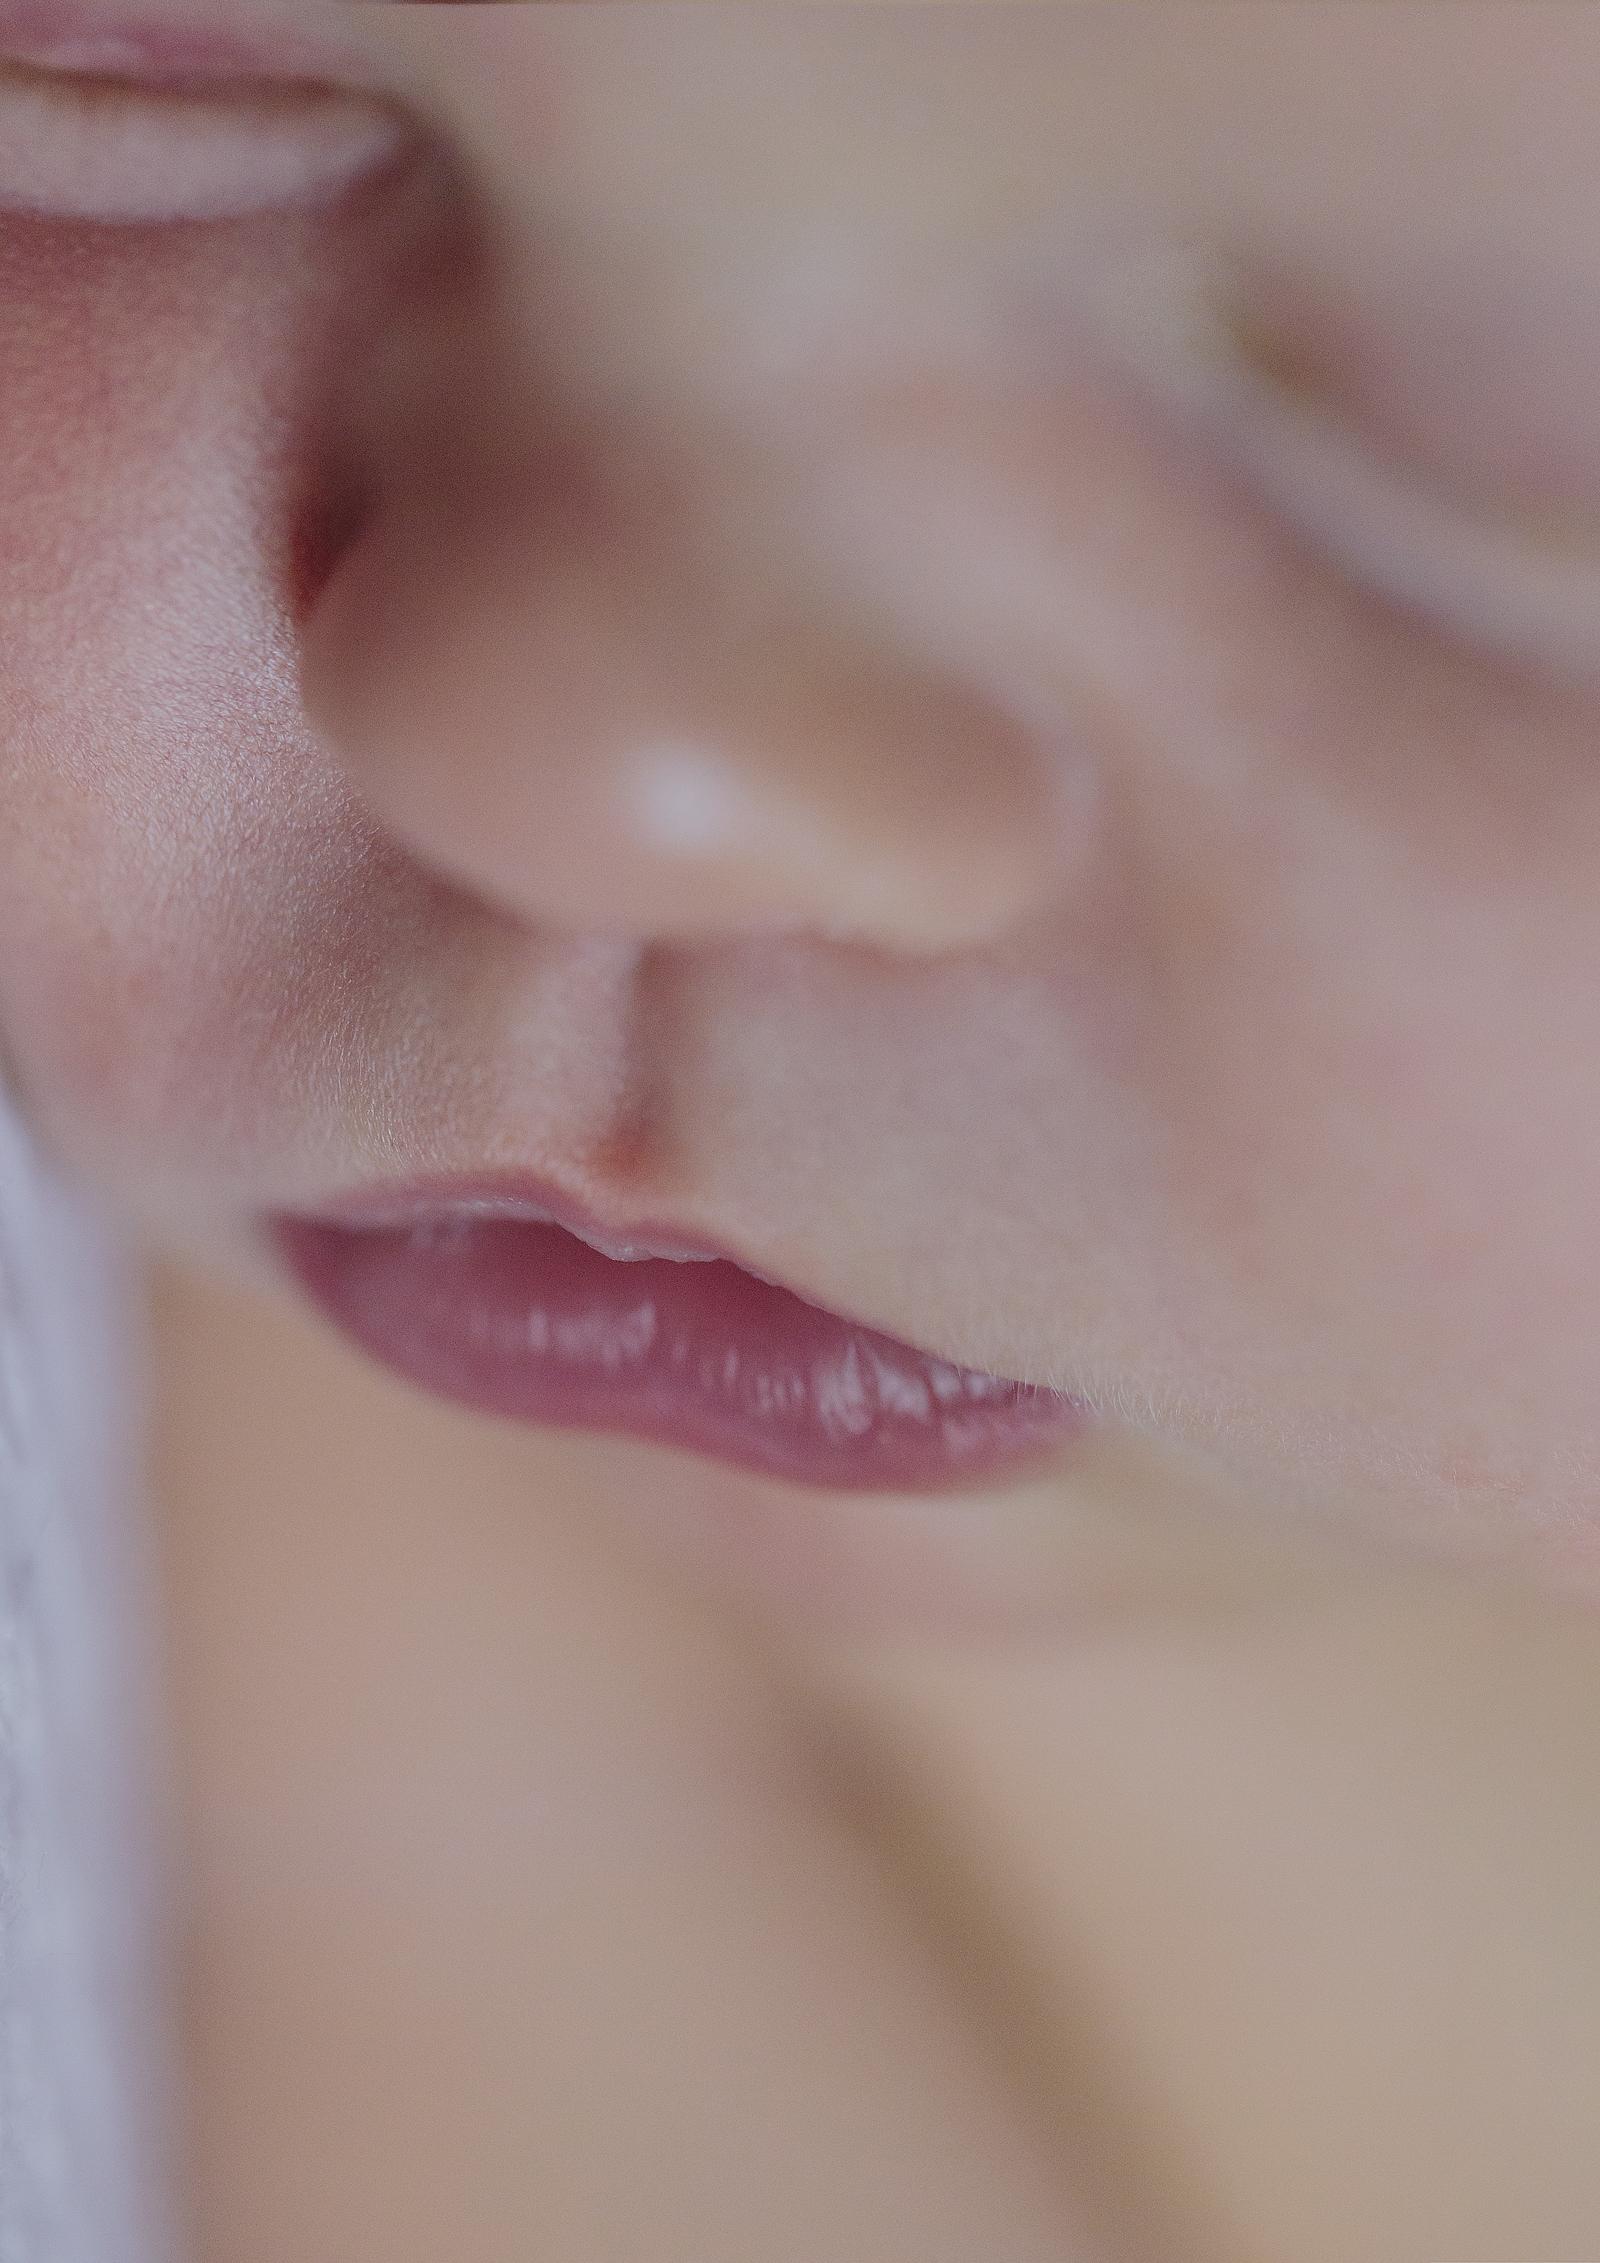 Newborn Baby tiny lips